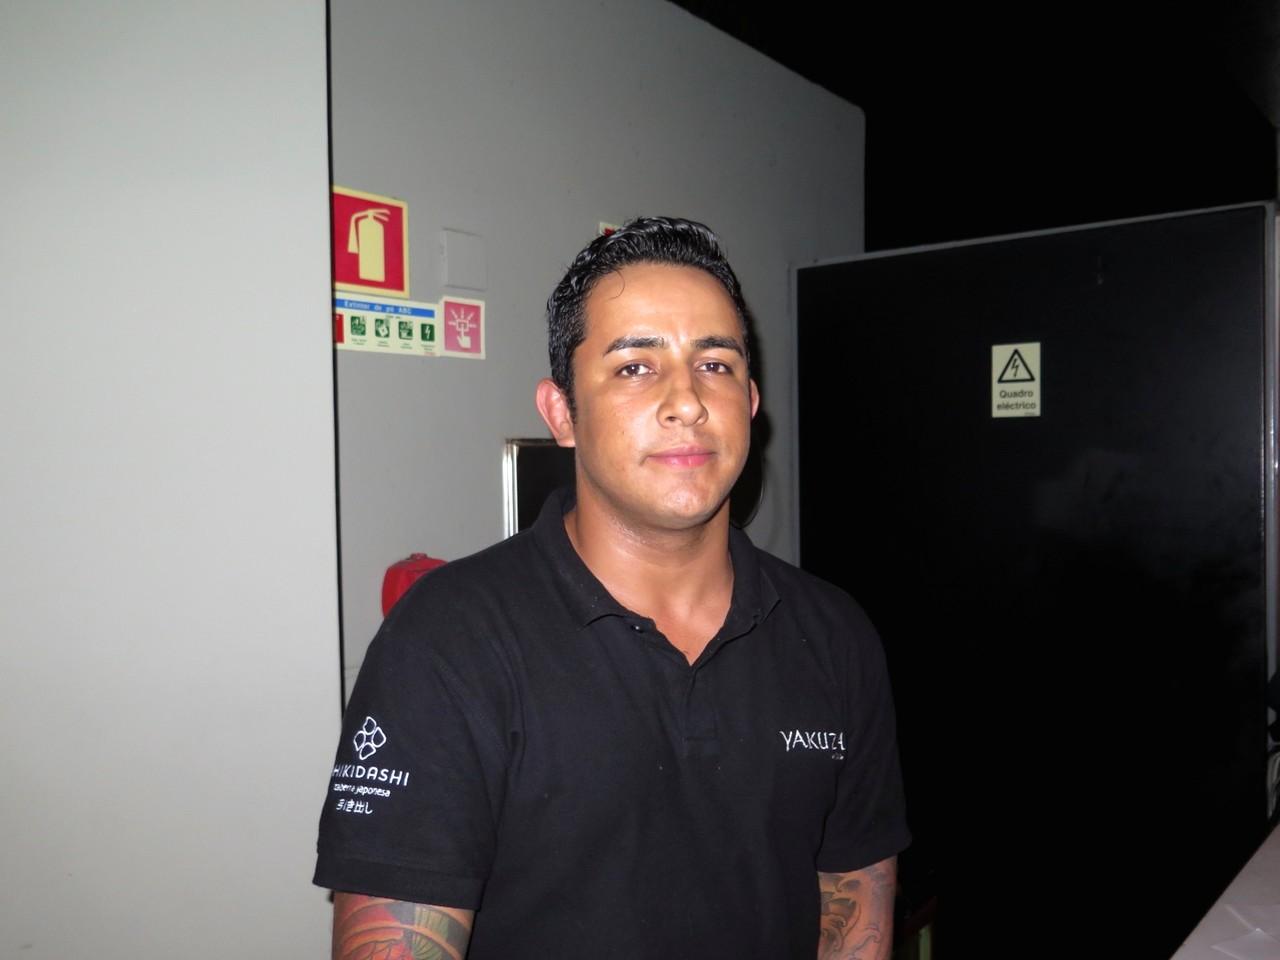 Agnaldo Ferreira